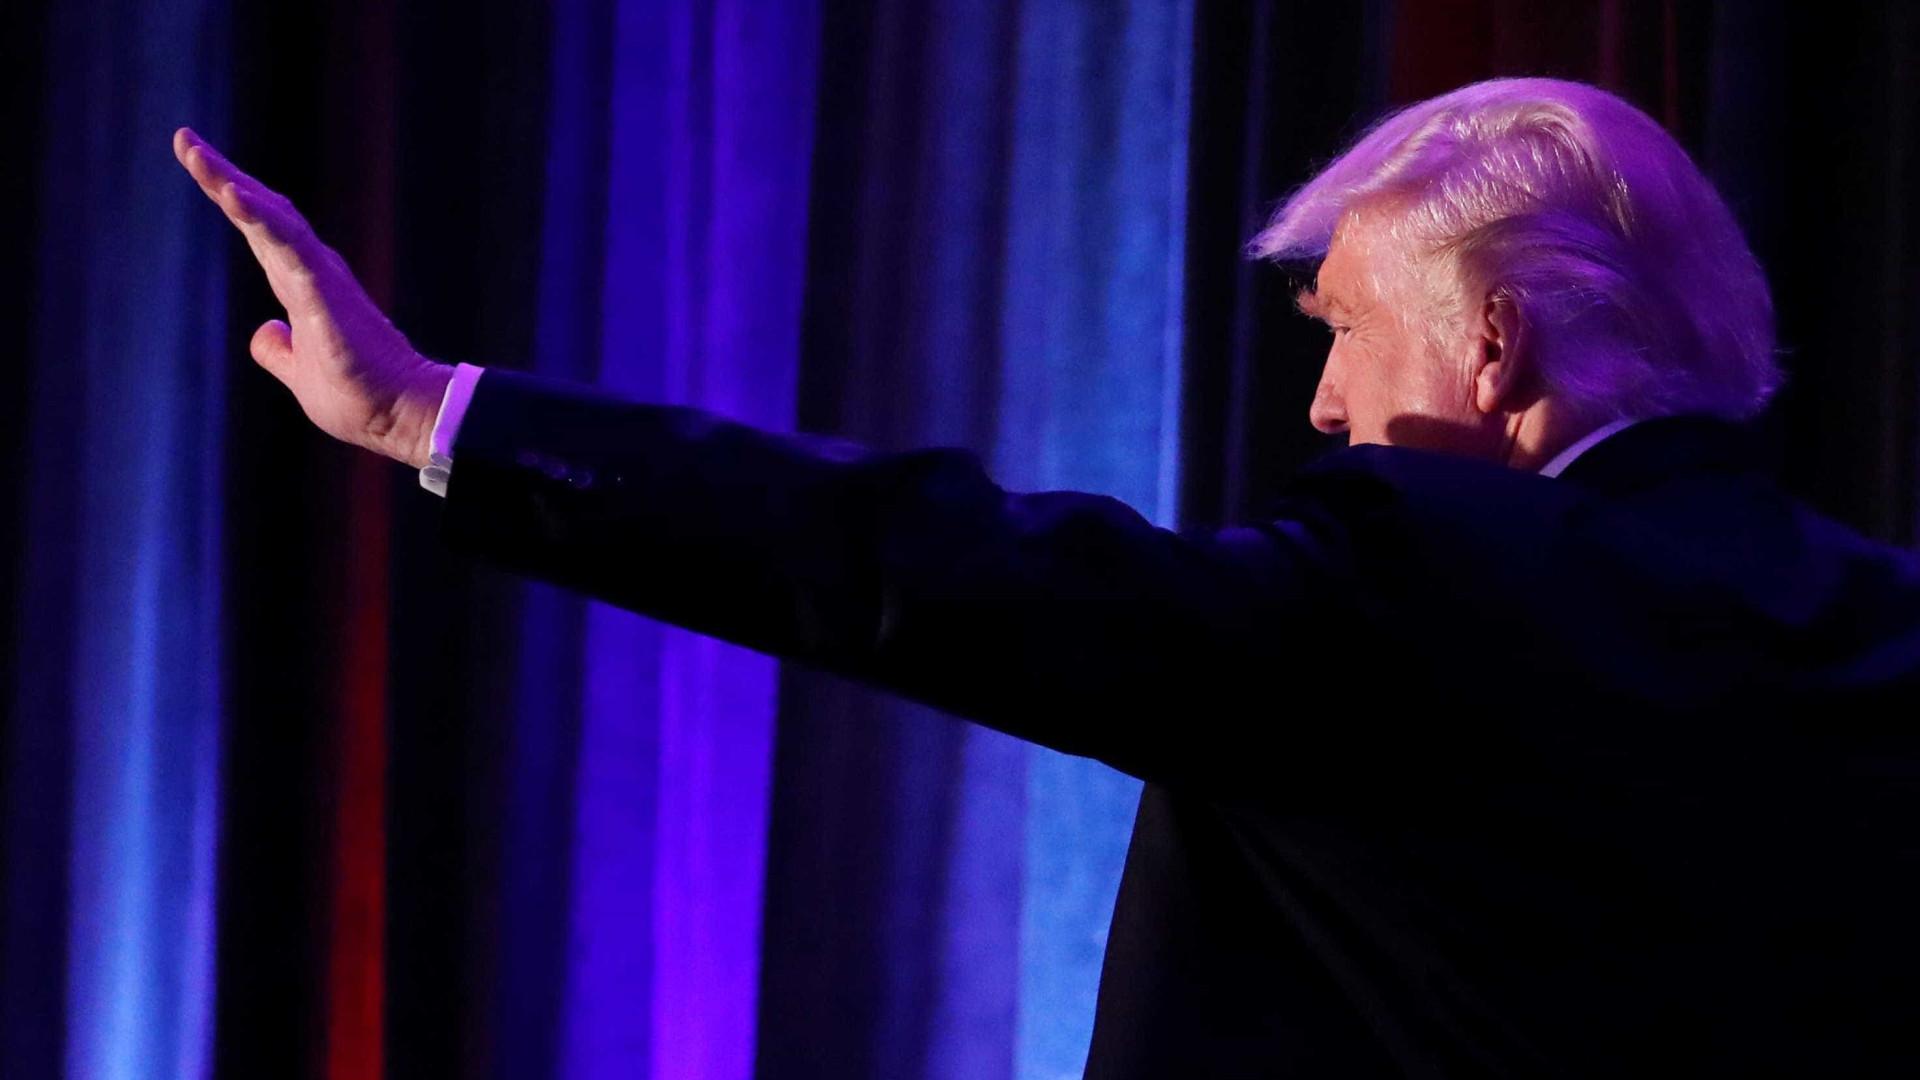 Emirados Árabes Unidos negam ter tentado influenciar a eleição de Trump